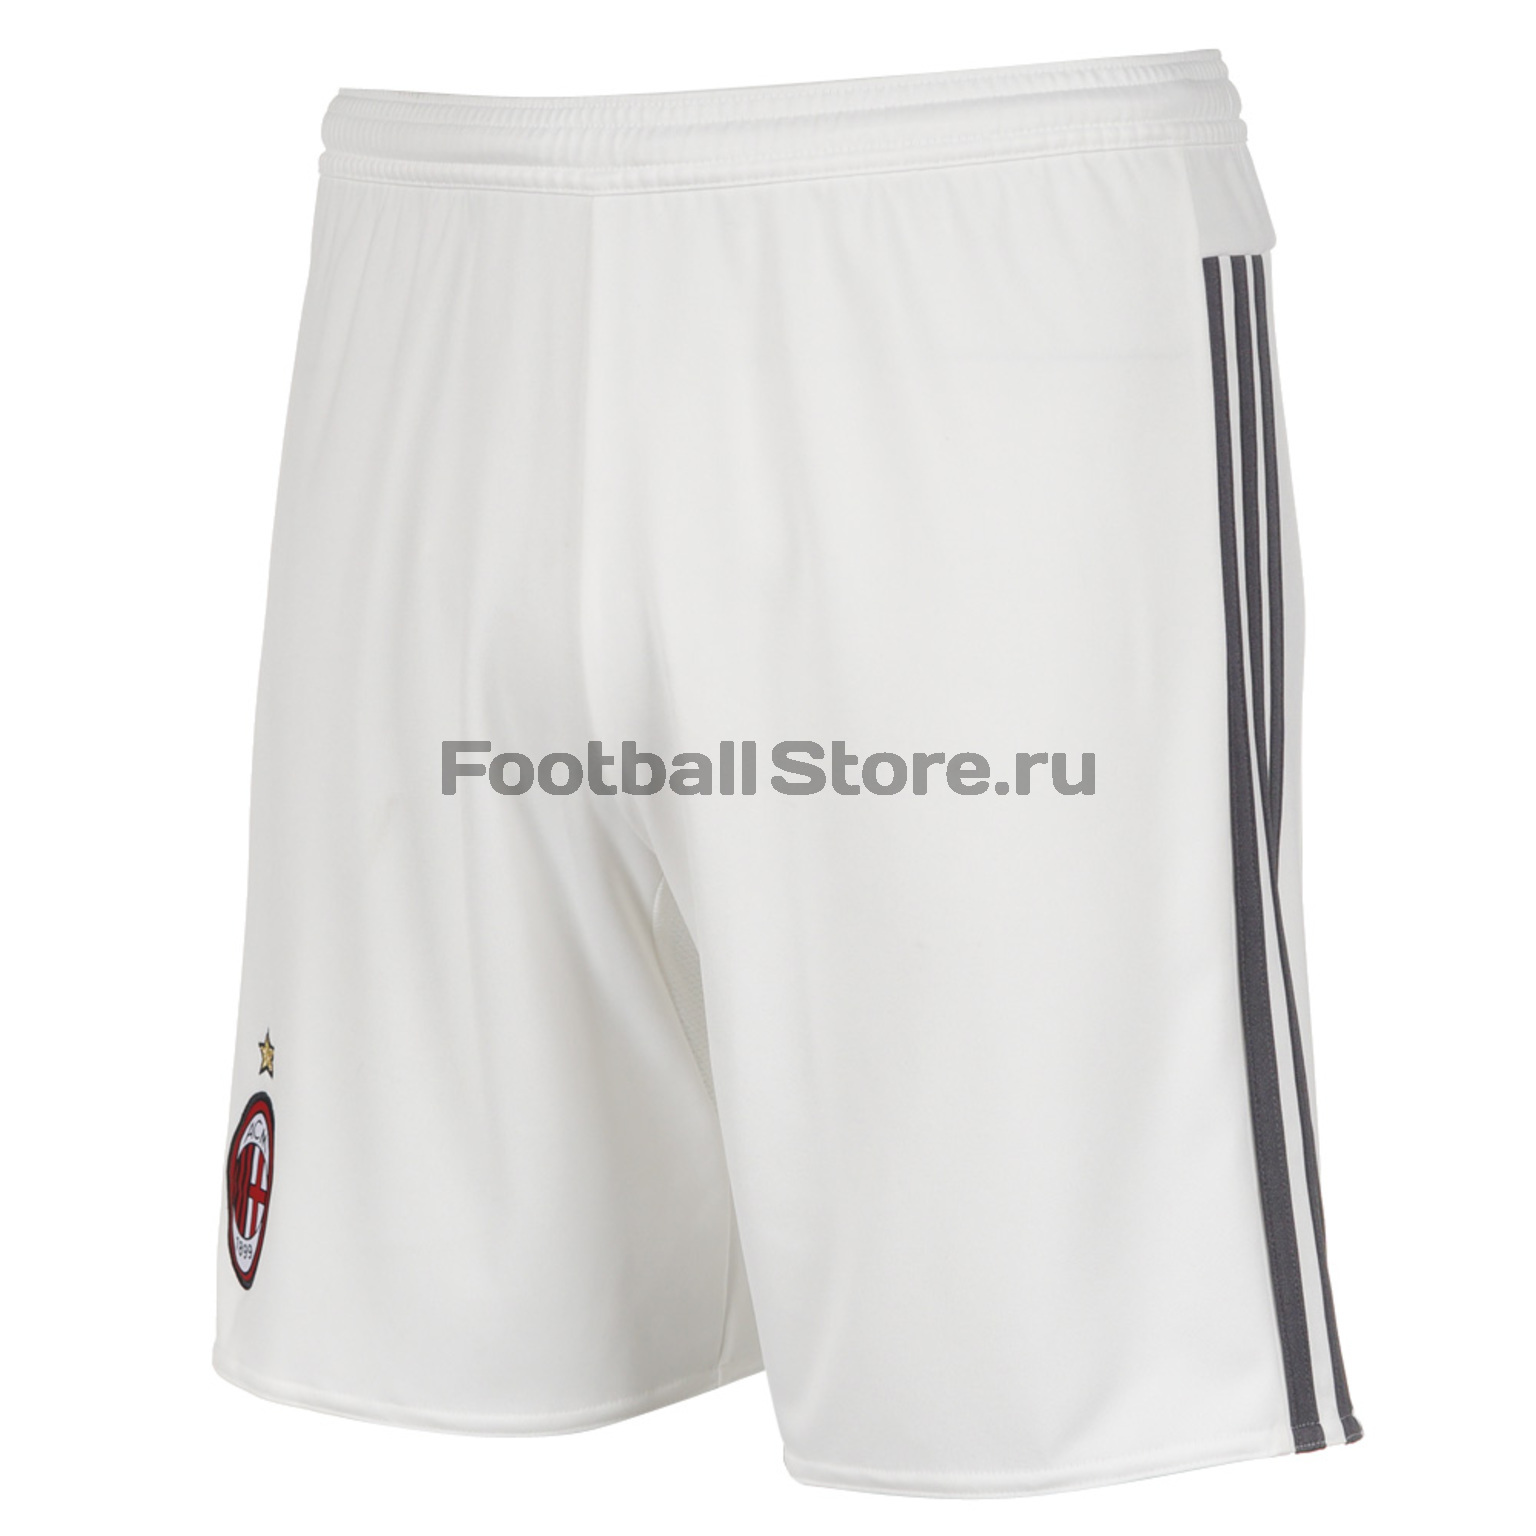 Клубная продукция Adidas Шорты игровые подростковые Adidas Milan Home S11846